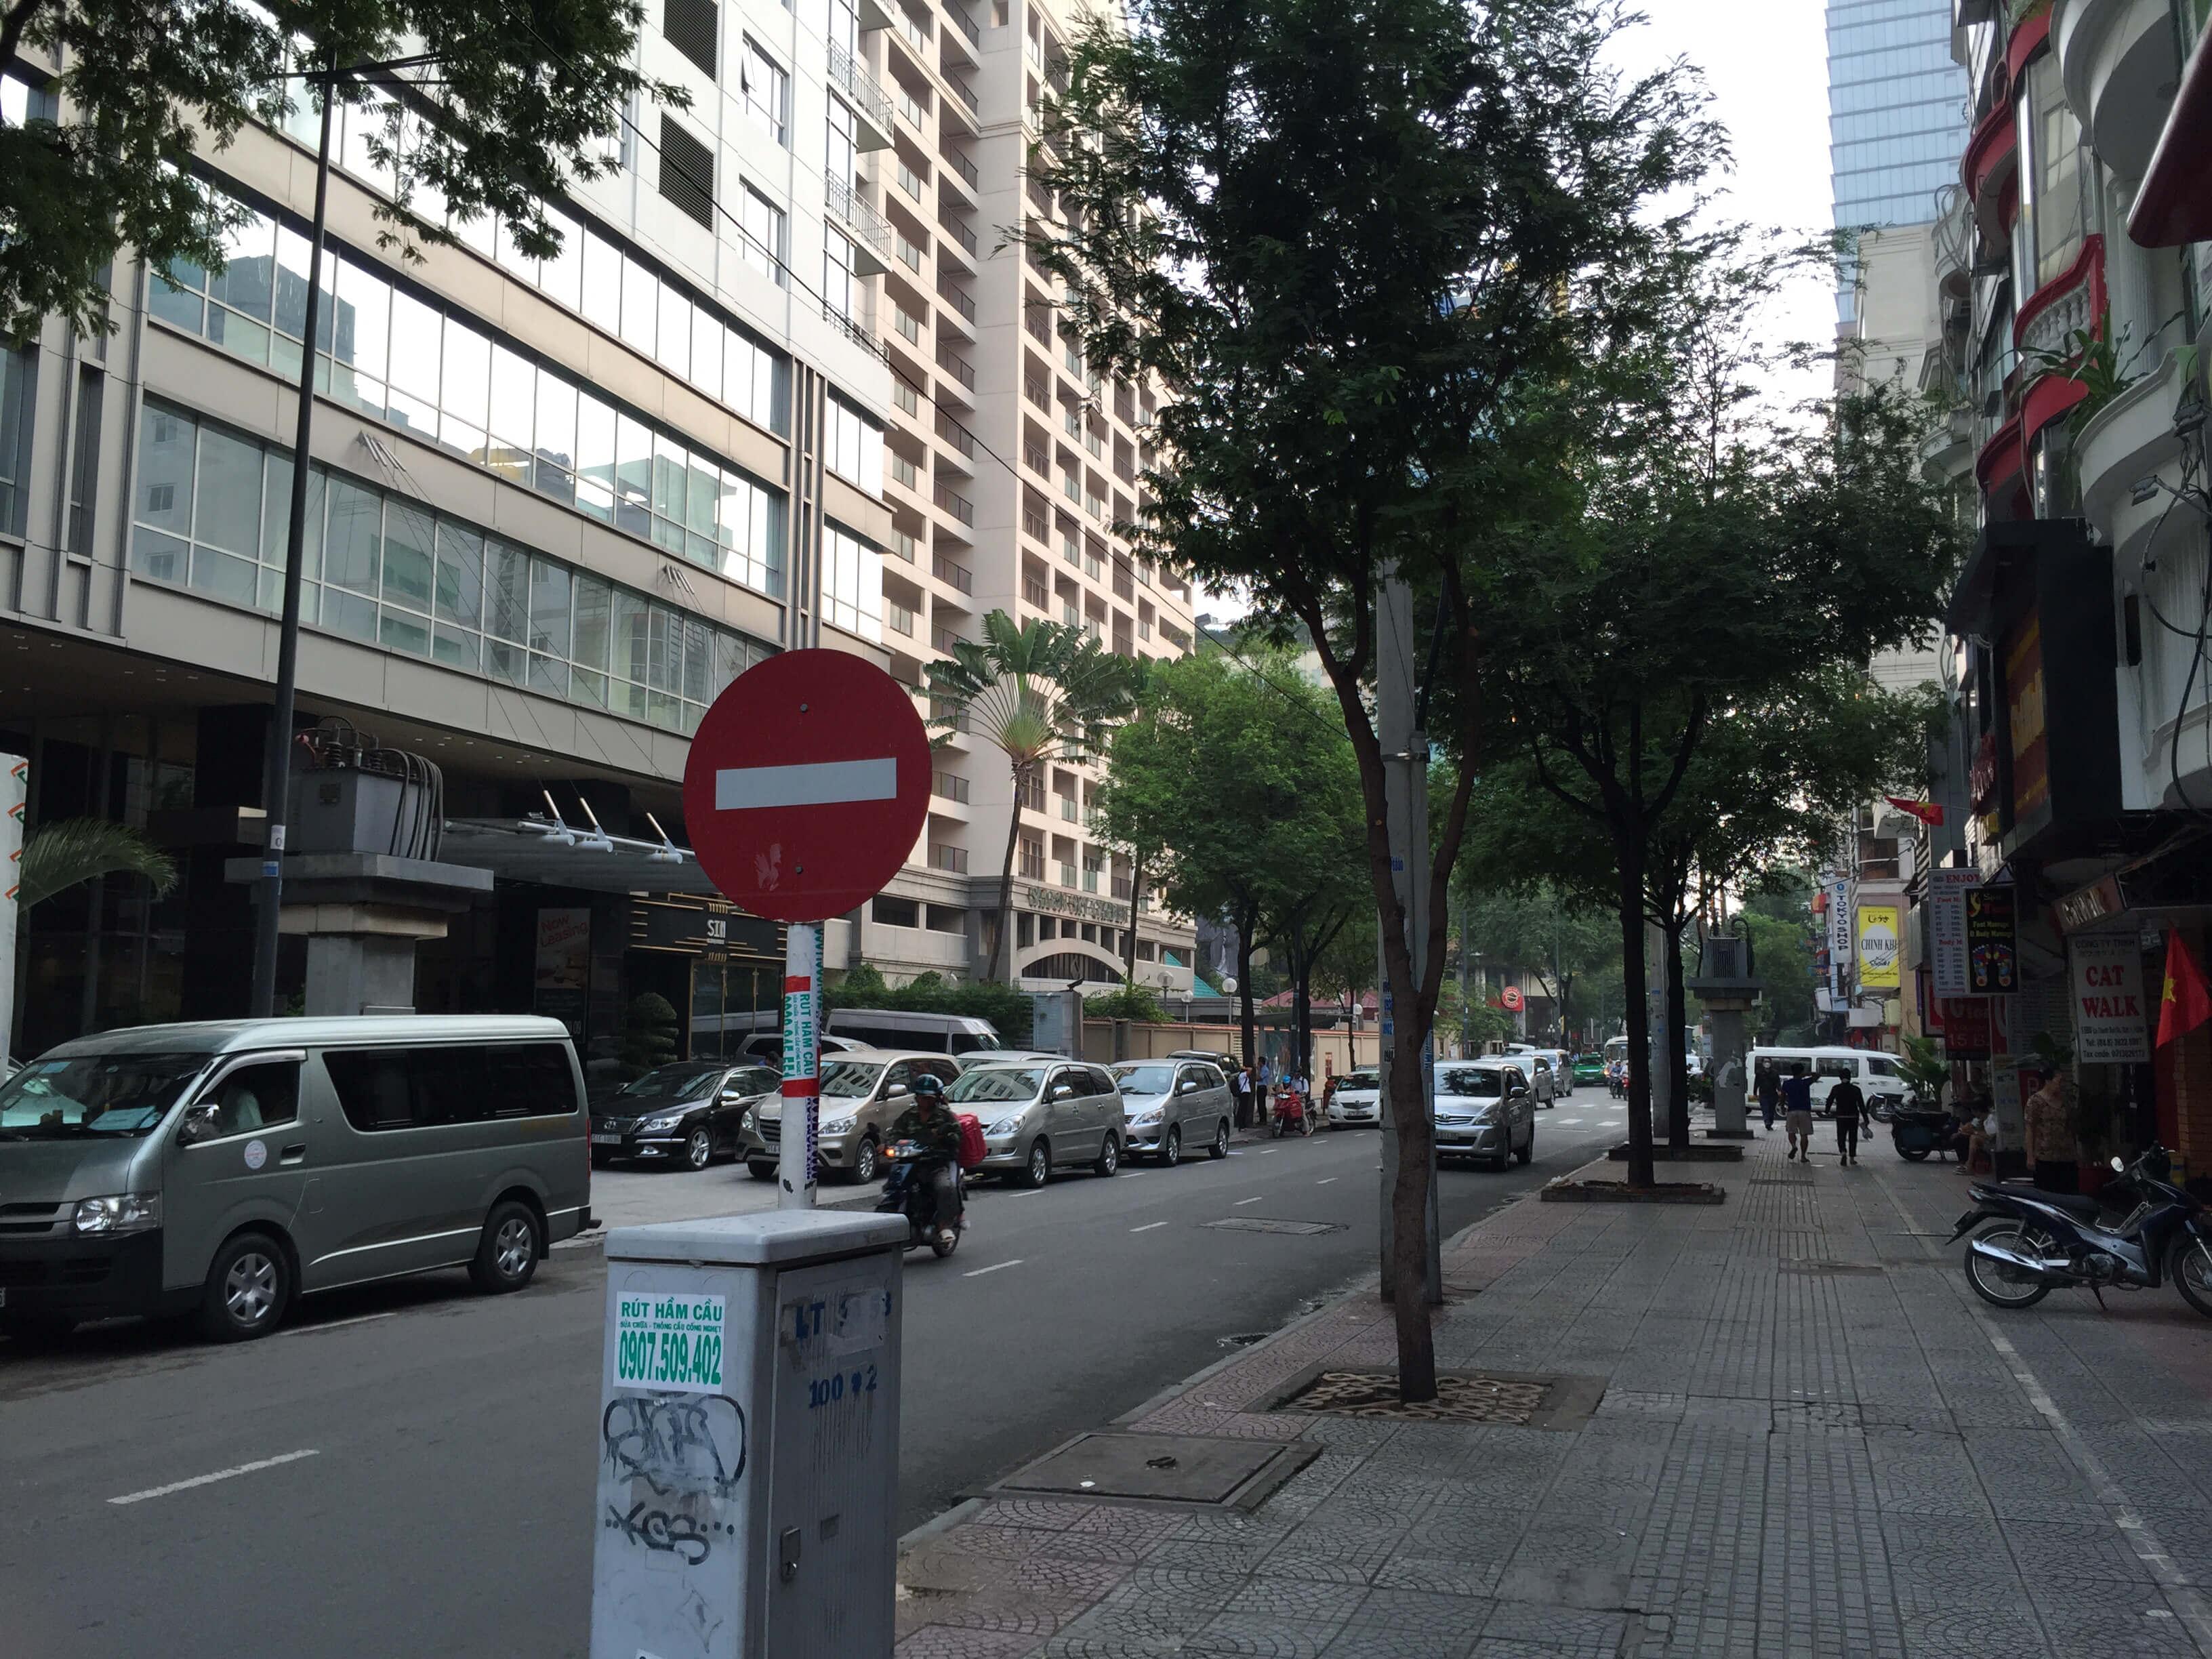 【フォトランニング 】レタントン通りを東へ西へ 日本人街の早朝はこんな雰囲気ですよ